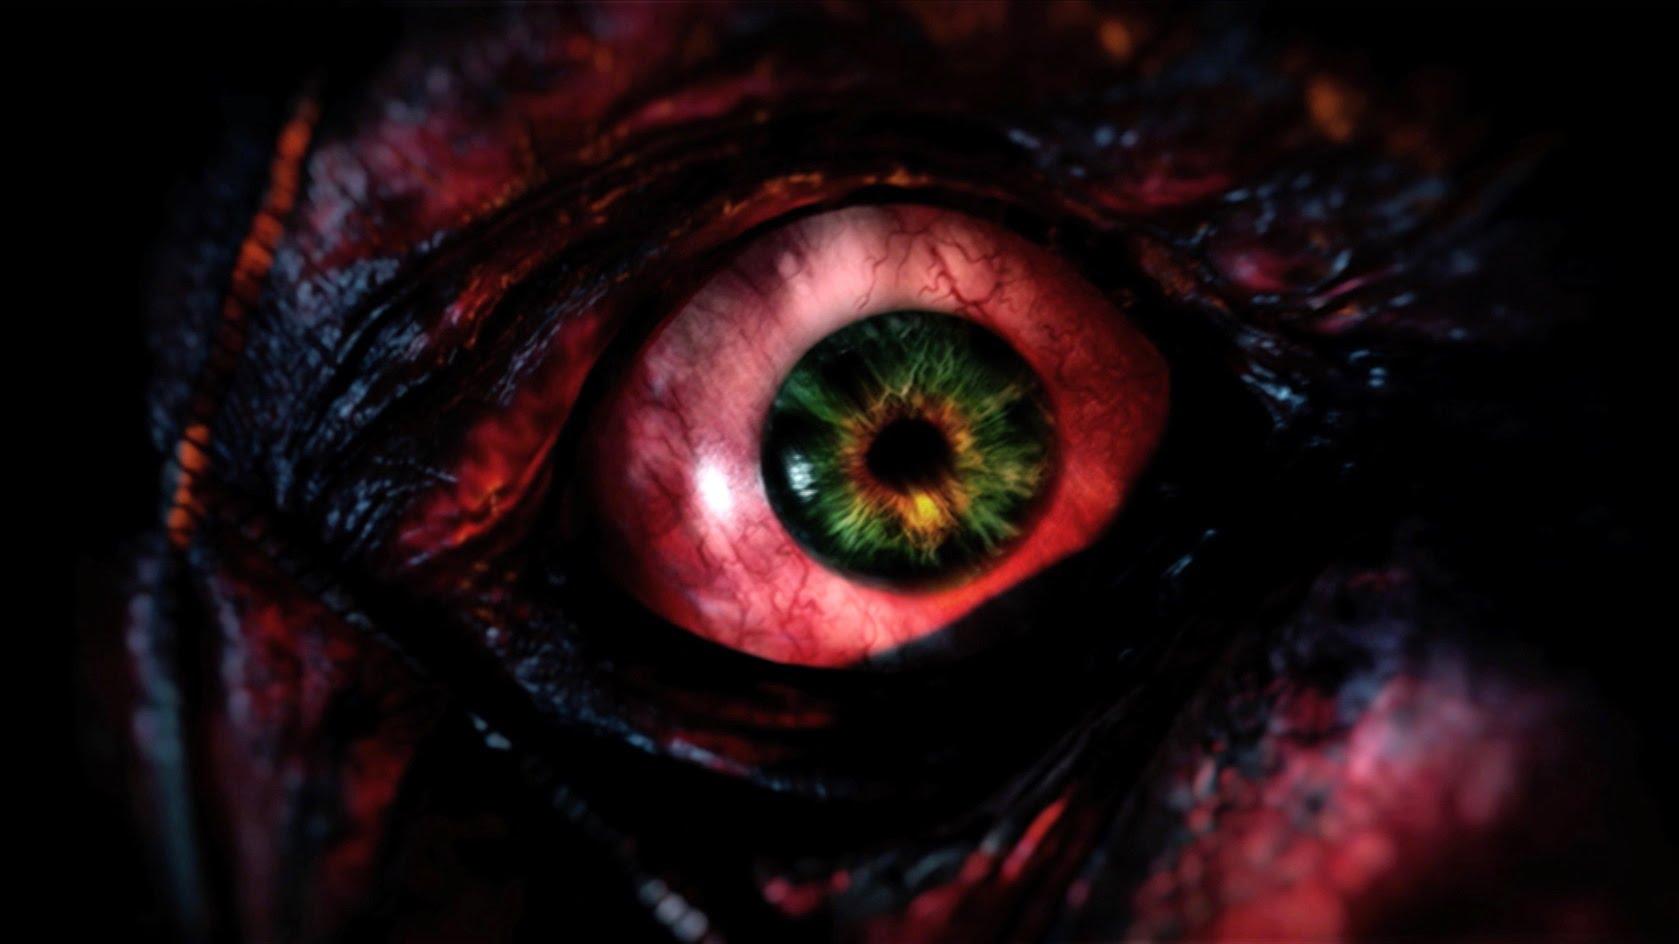 #TGS14: Resident Evil Revelations 2